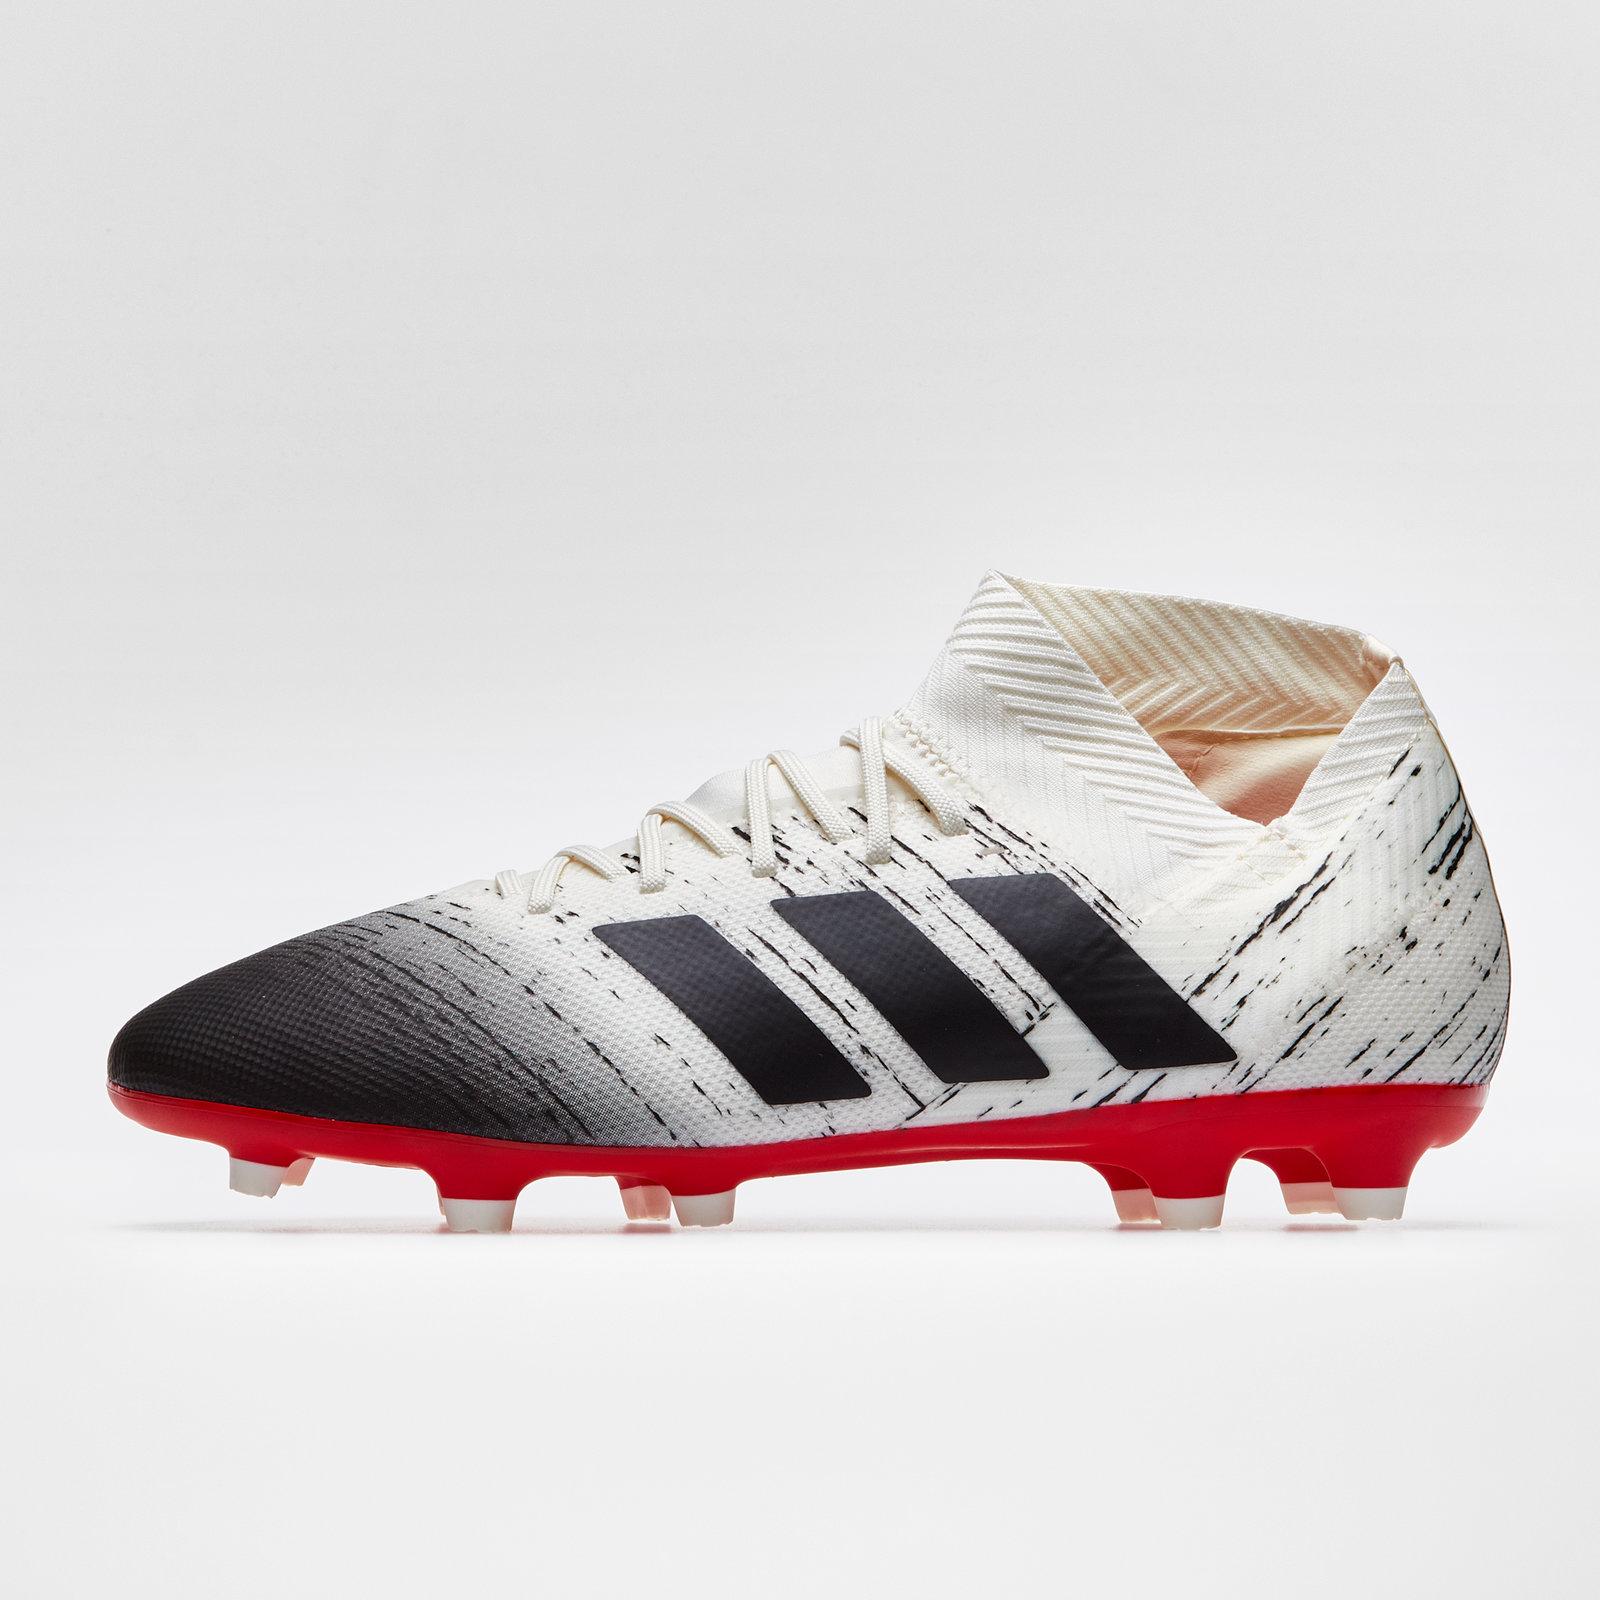 4a373d35a adidas Nemeziz 18.3 Firm Ground Boots | BB9437 | FOOTY.COM